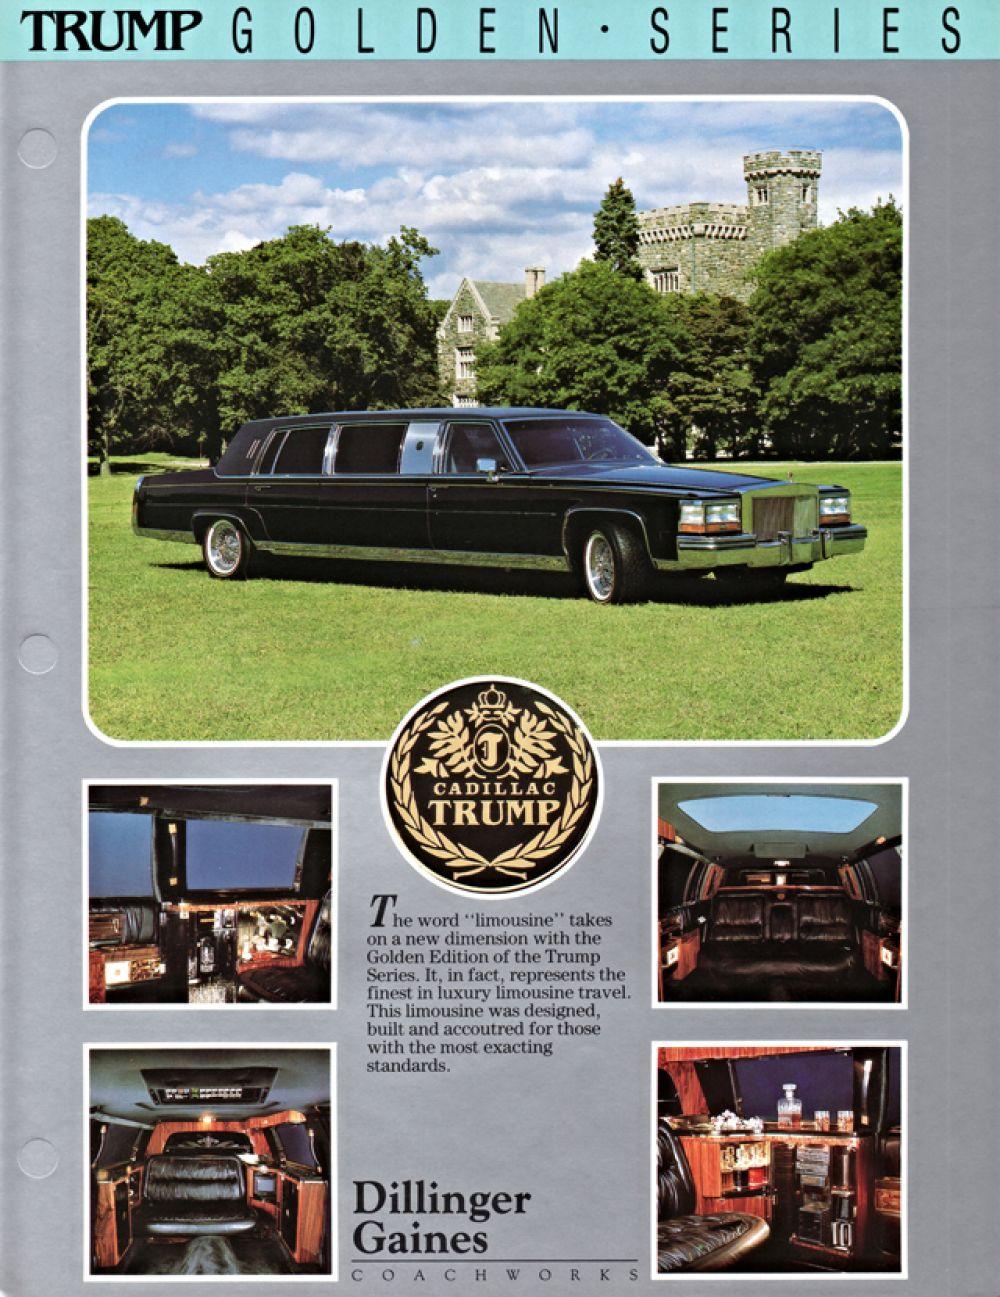 Трамп также известен своей симпатией к марке Cadillac. В конце 1980-х годов в честь него была даже создана специальная серия автомобилей Trump Golden Series.